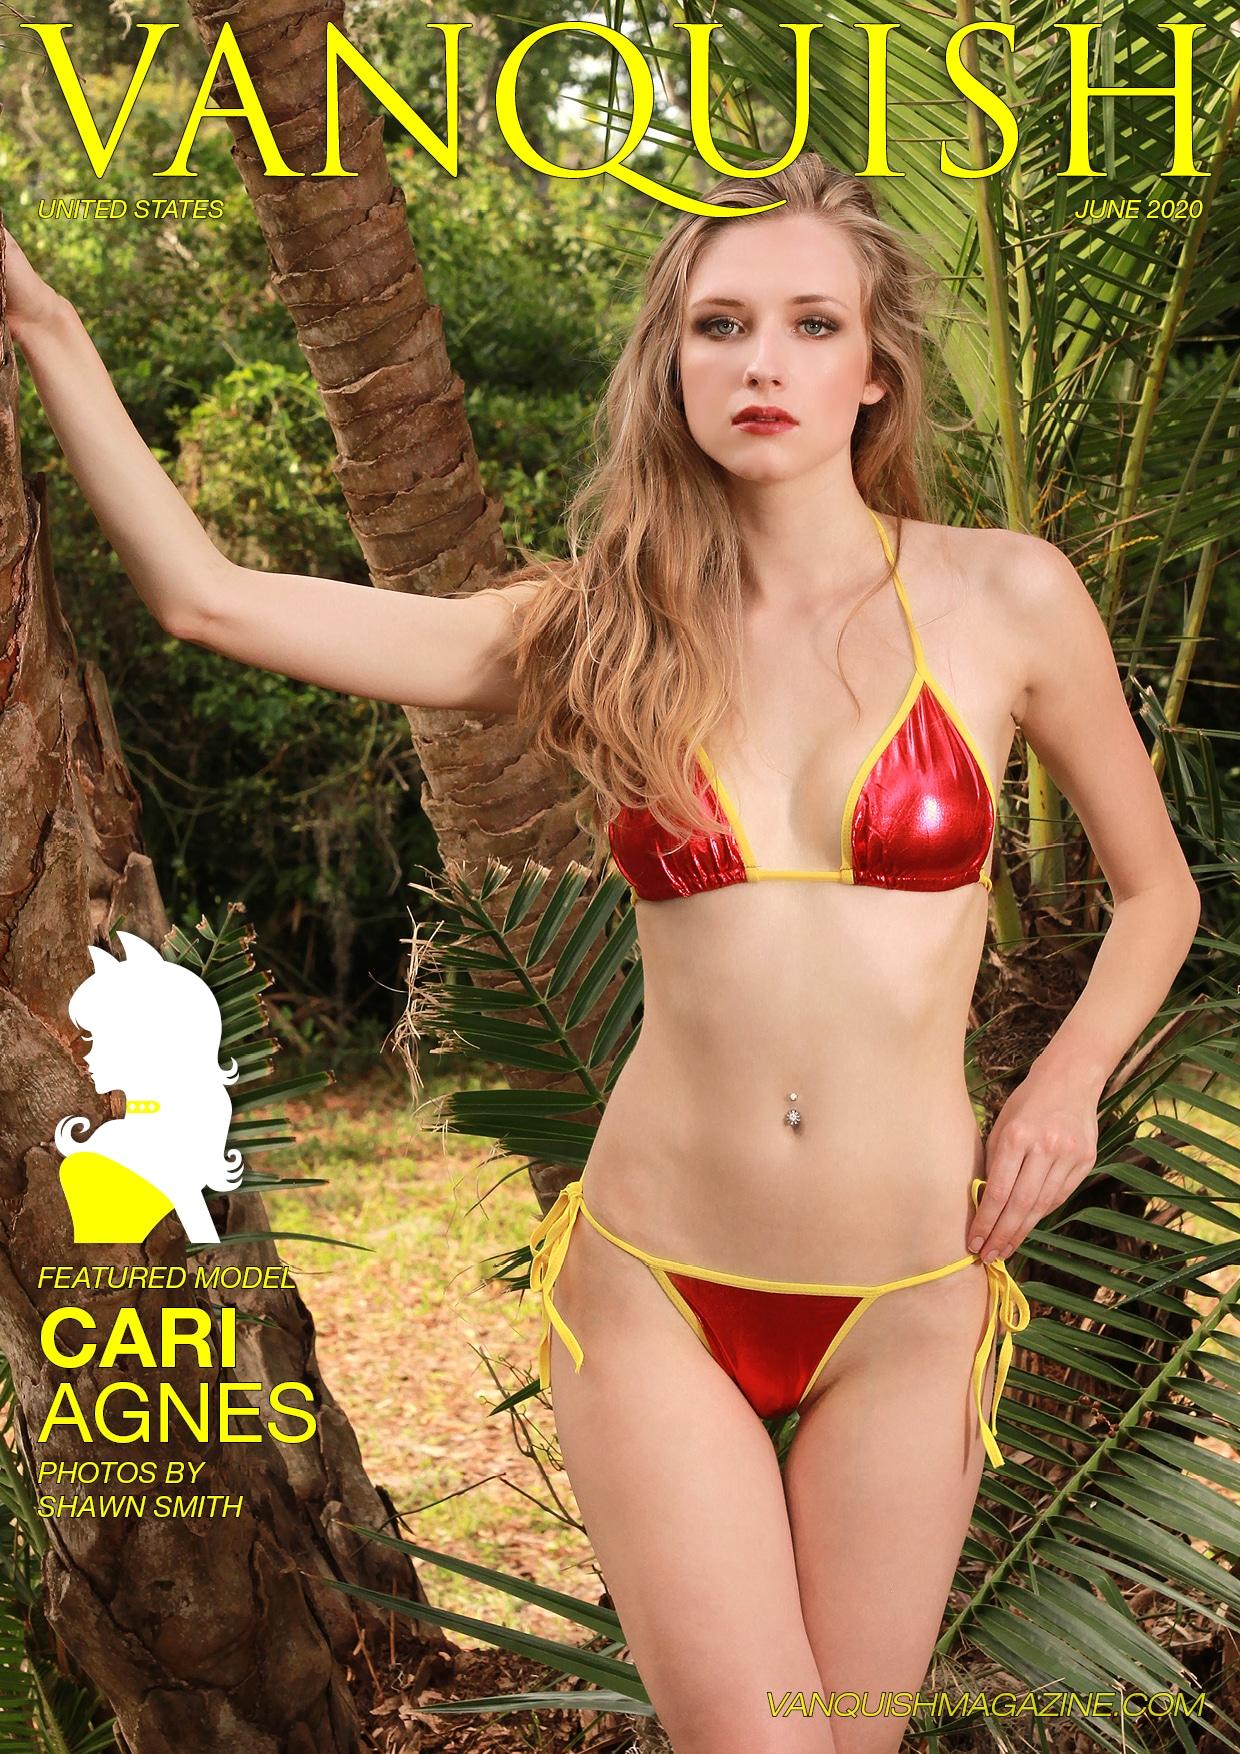 Vanquish Magazine - June 2020 - Cari Agnes